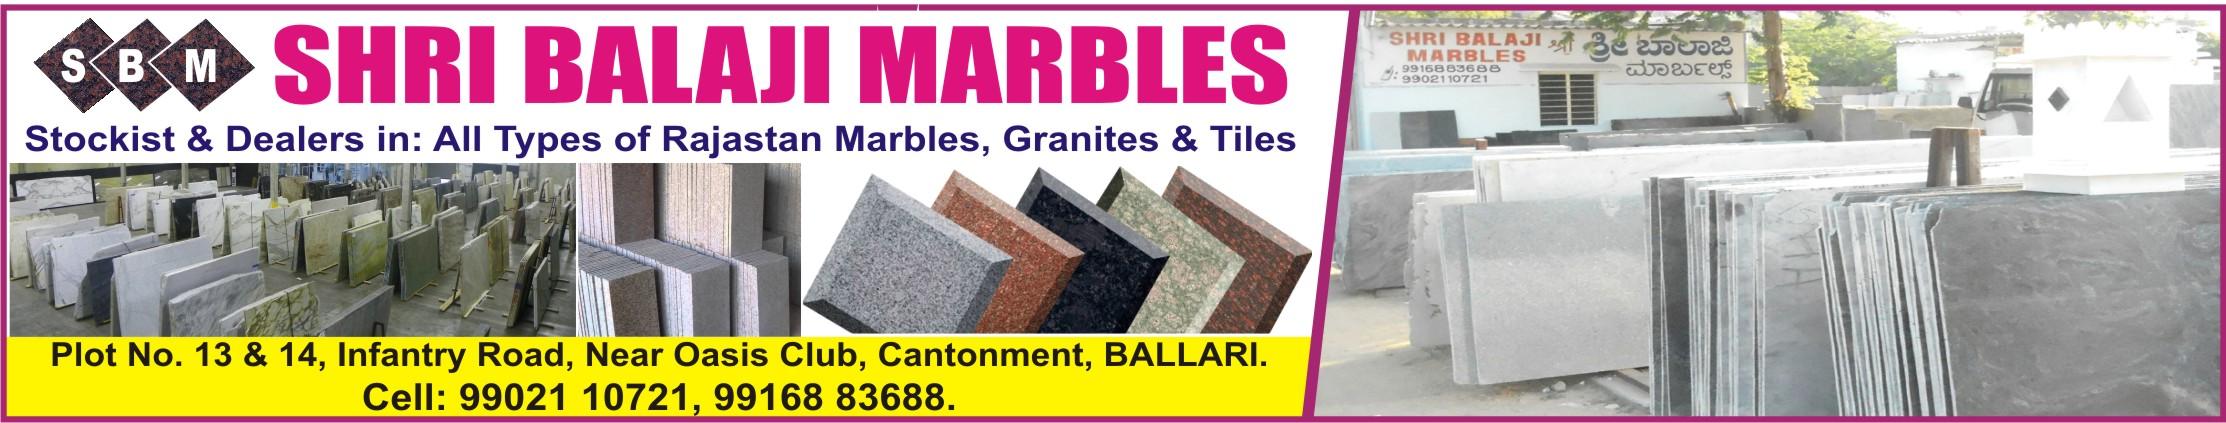 Shri Balaji Marbles